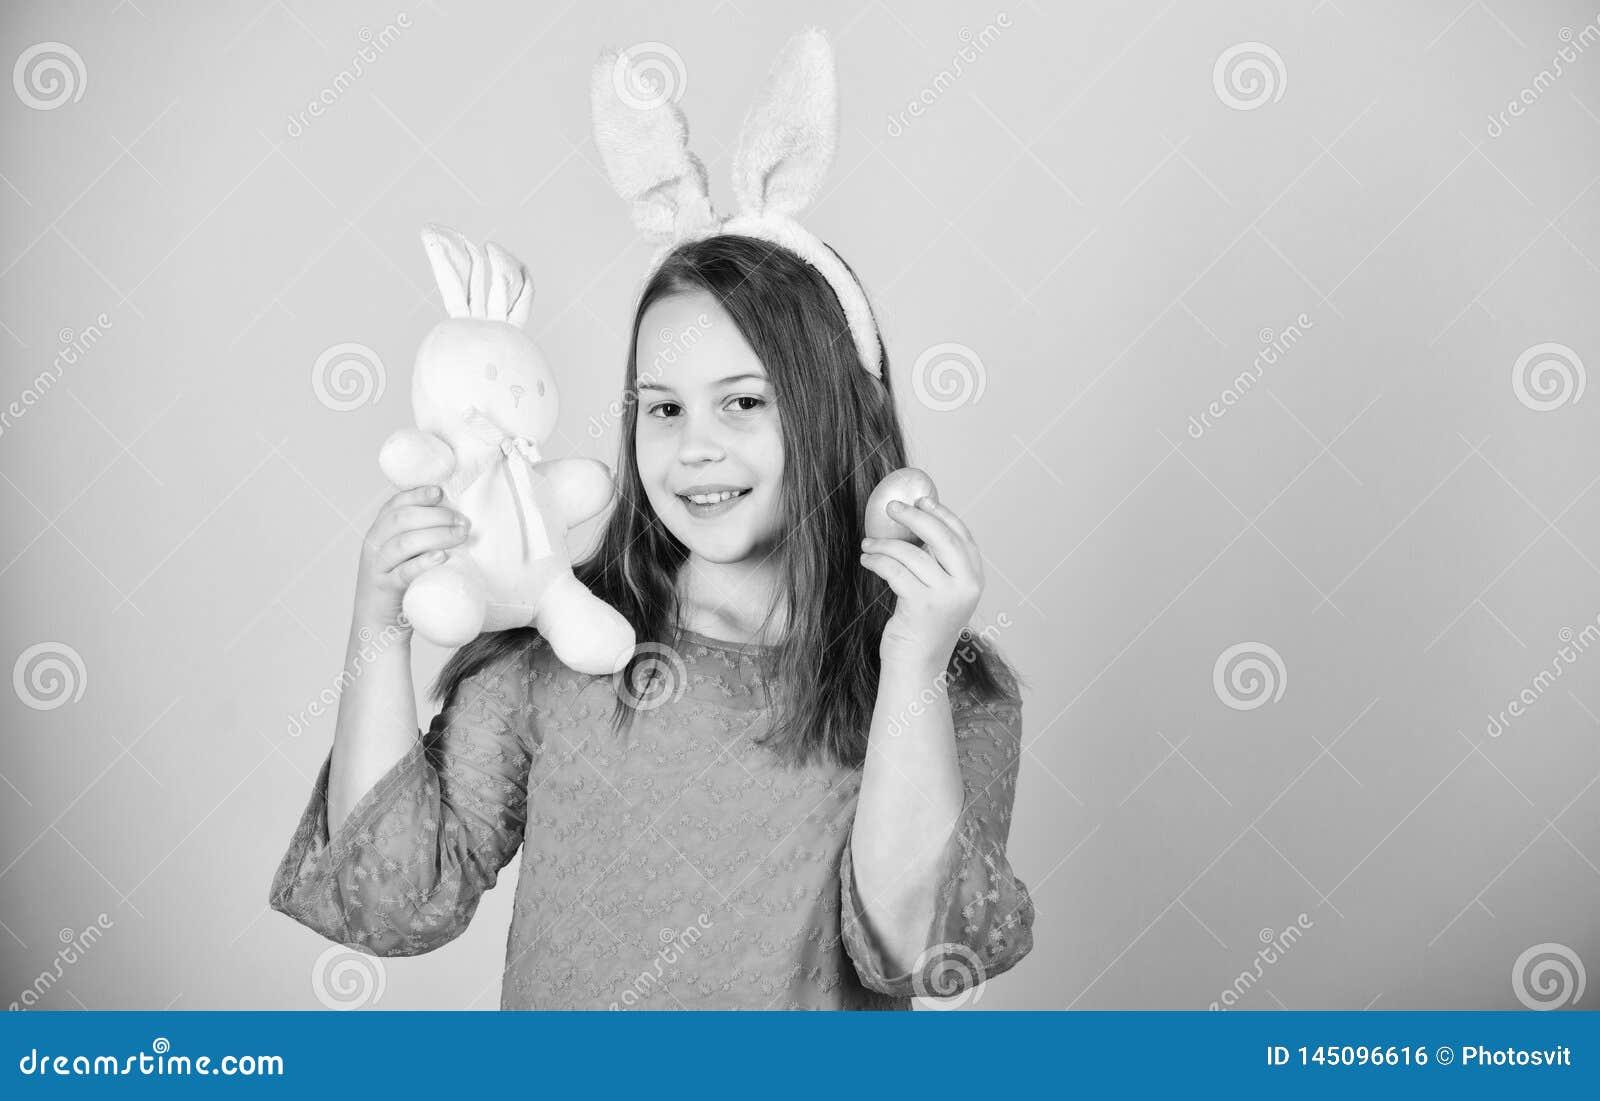 El control accesorio del conejito de pascua del peque?o ni?o de la muchacha te?i? el huevo Origen del conejito de pascua S?mbolos